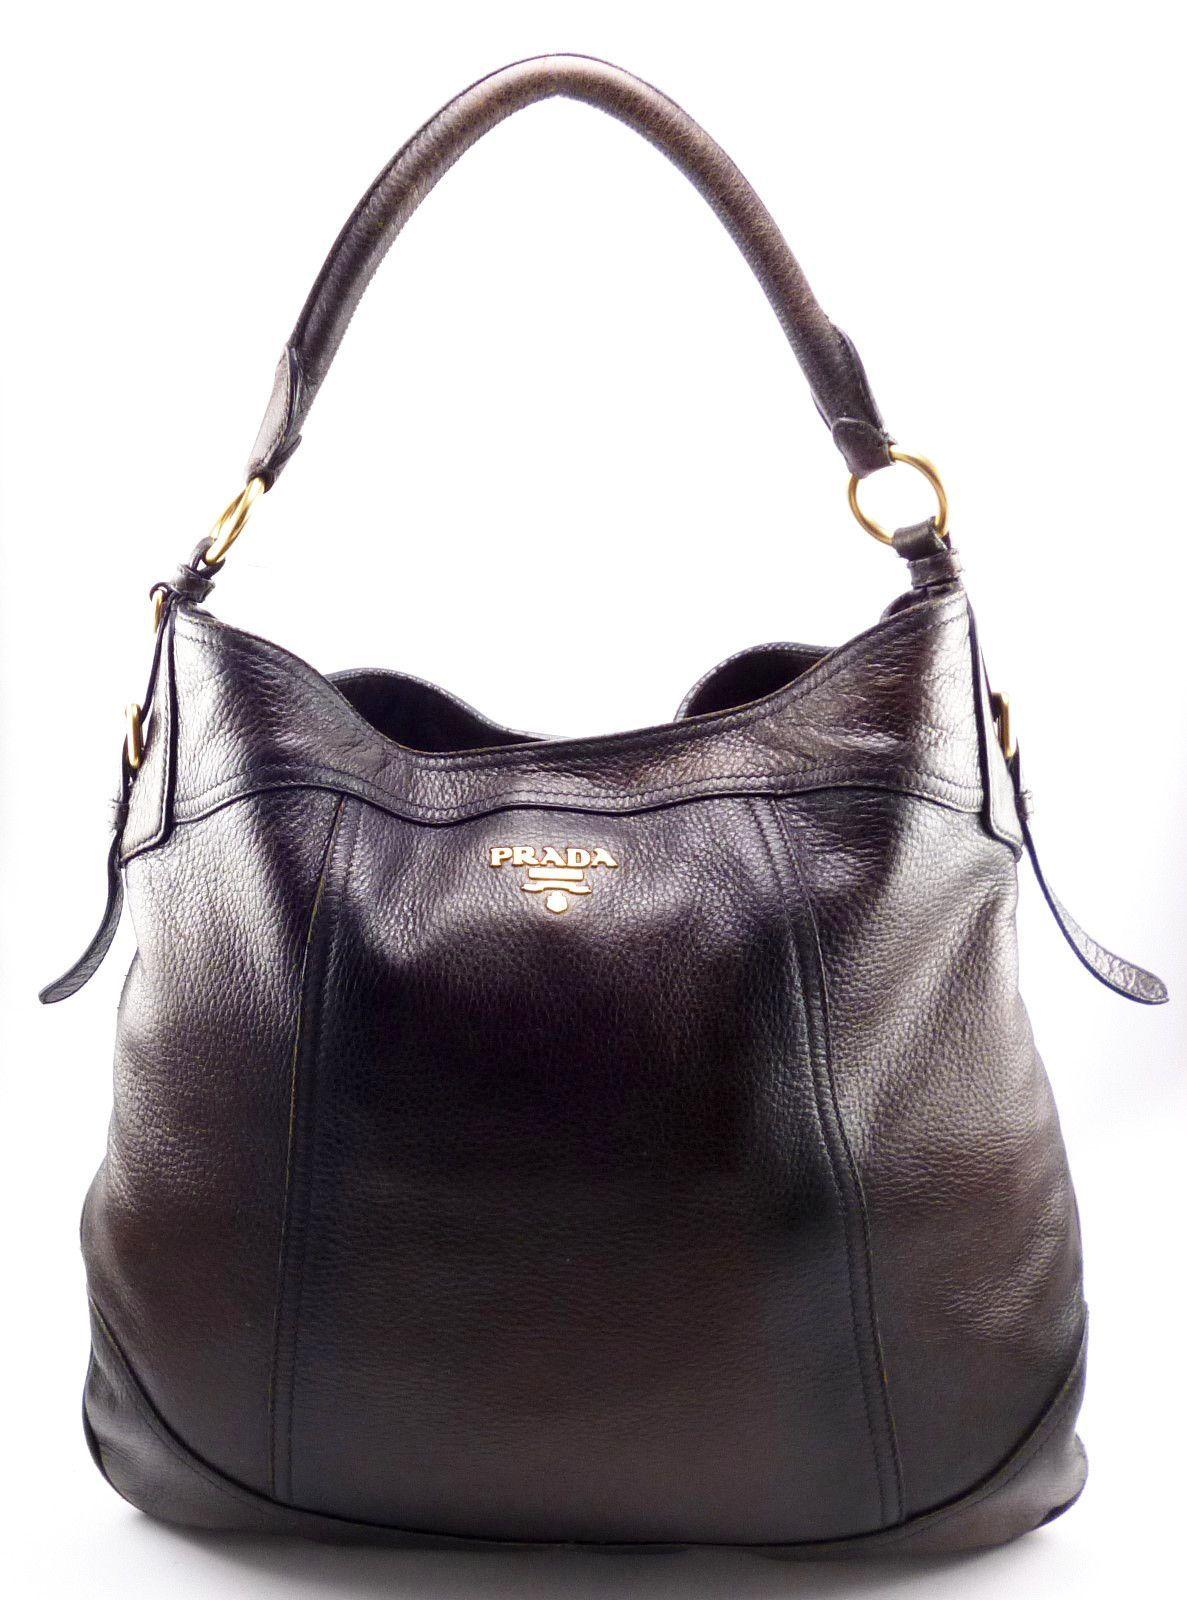 082a51471e3d coupon code prada cervo antik cacao deerskin leather hobo handbag brown  f4e0b fabe0